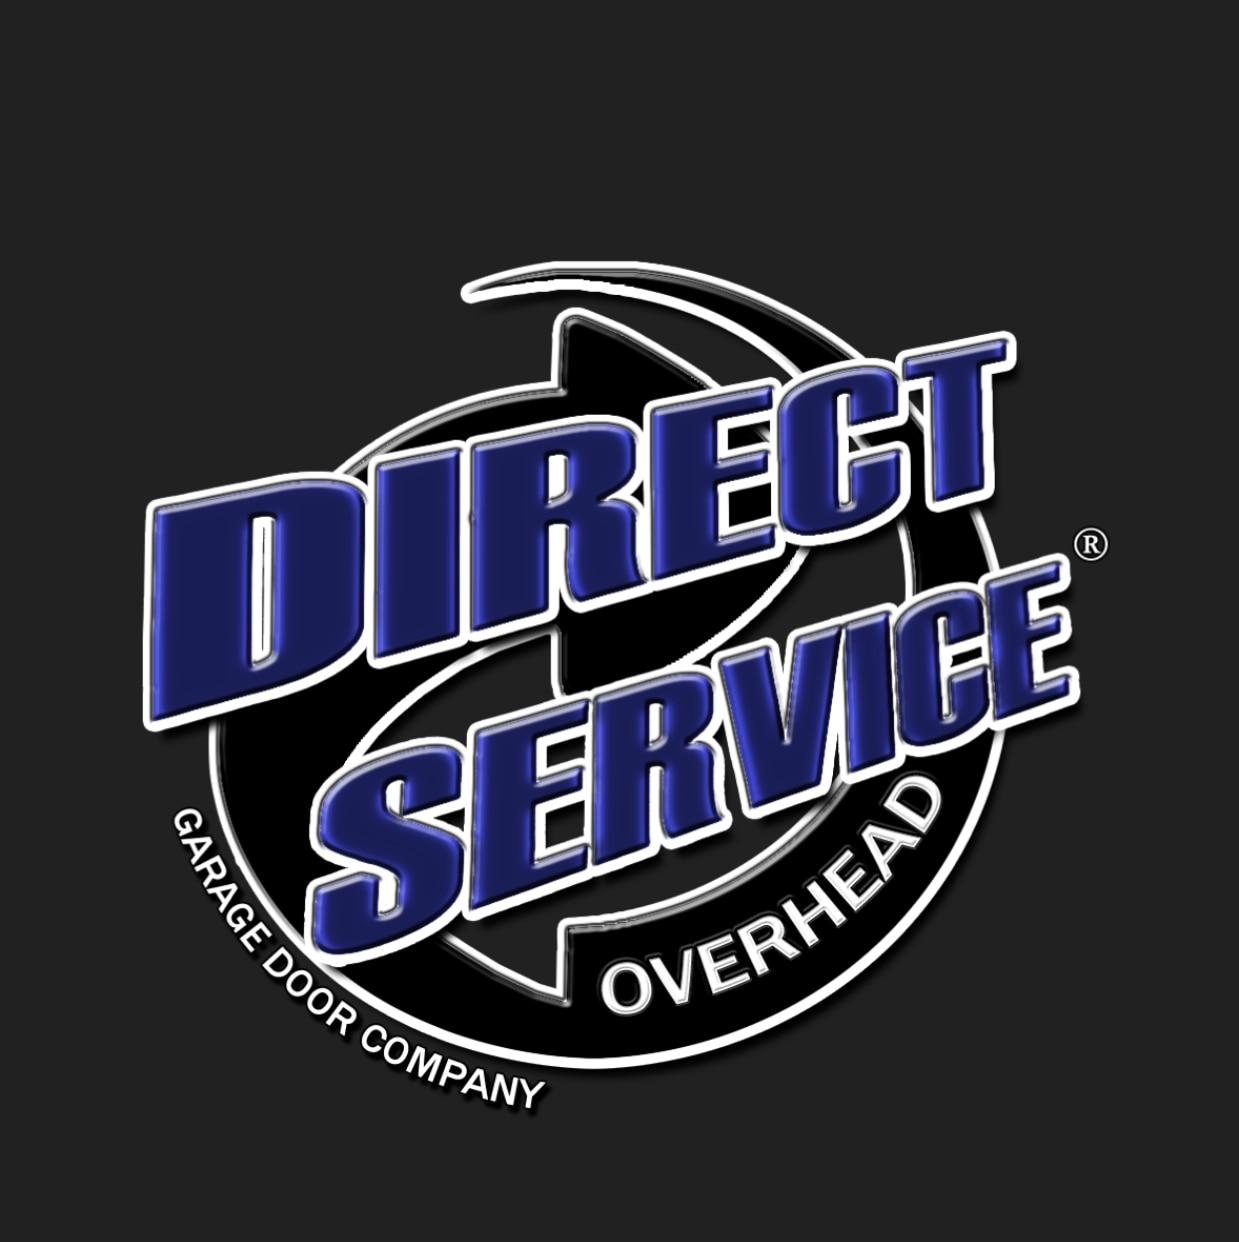 Direct Service Overhead Garage Door Company logo